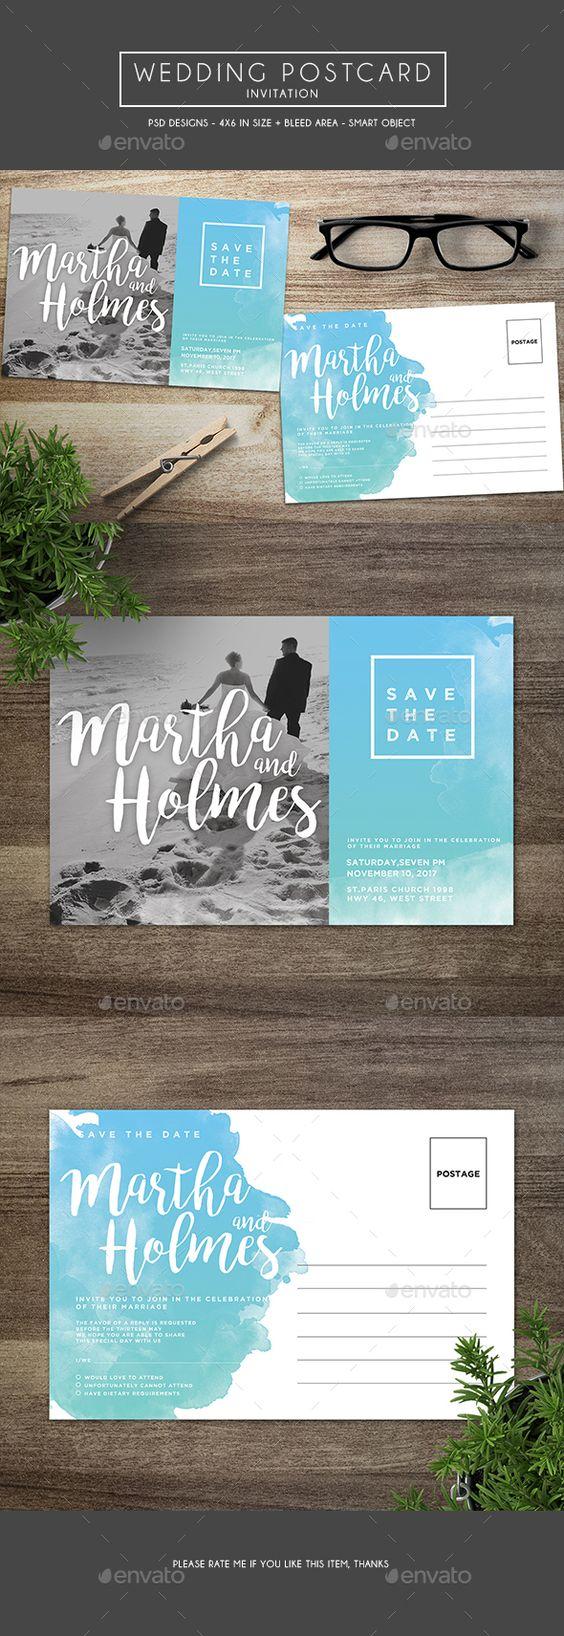 design brochures cover design poster designs ad design brochure design